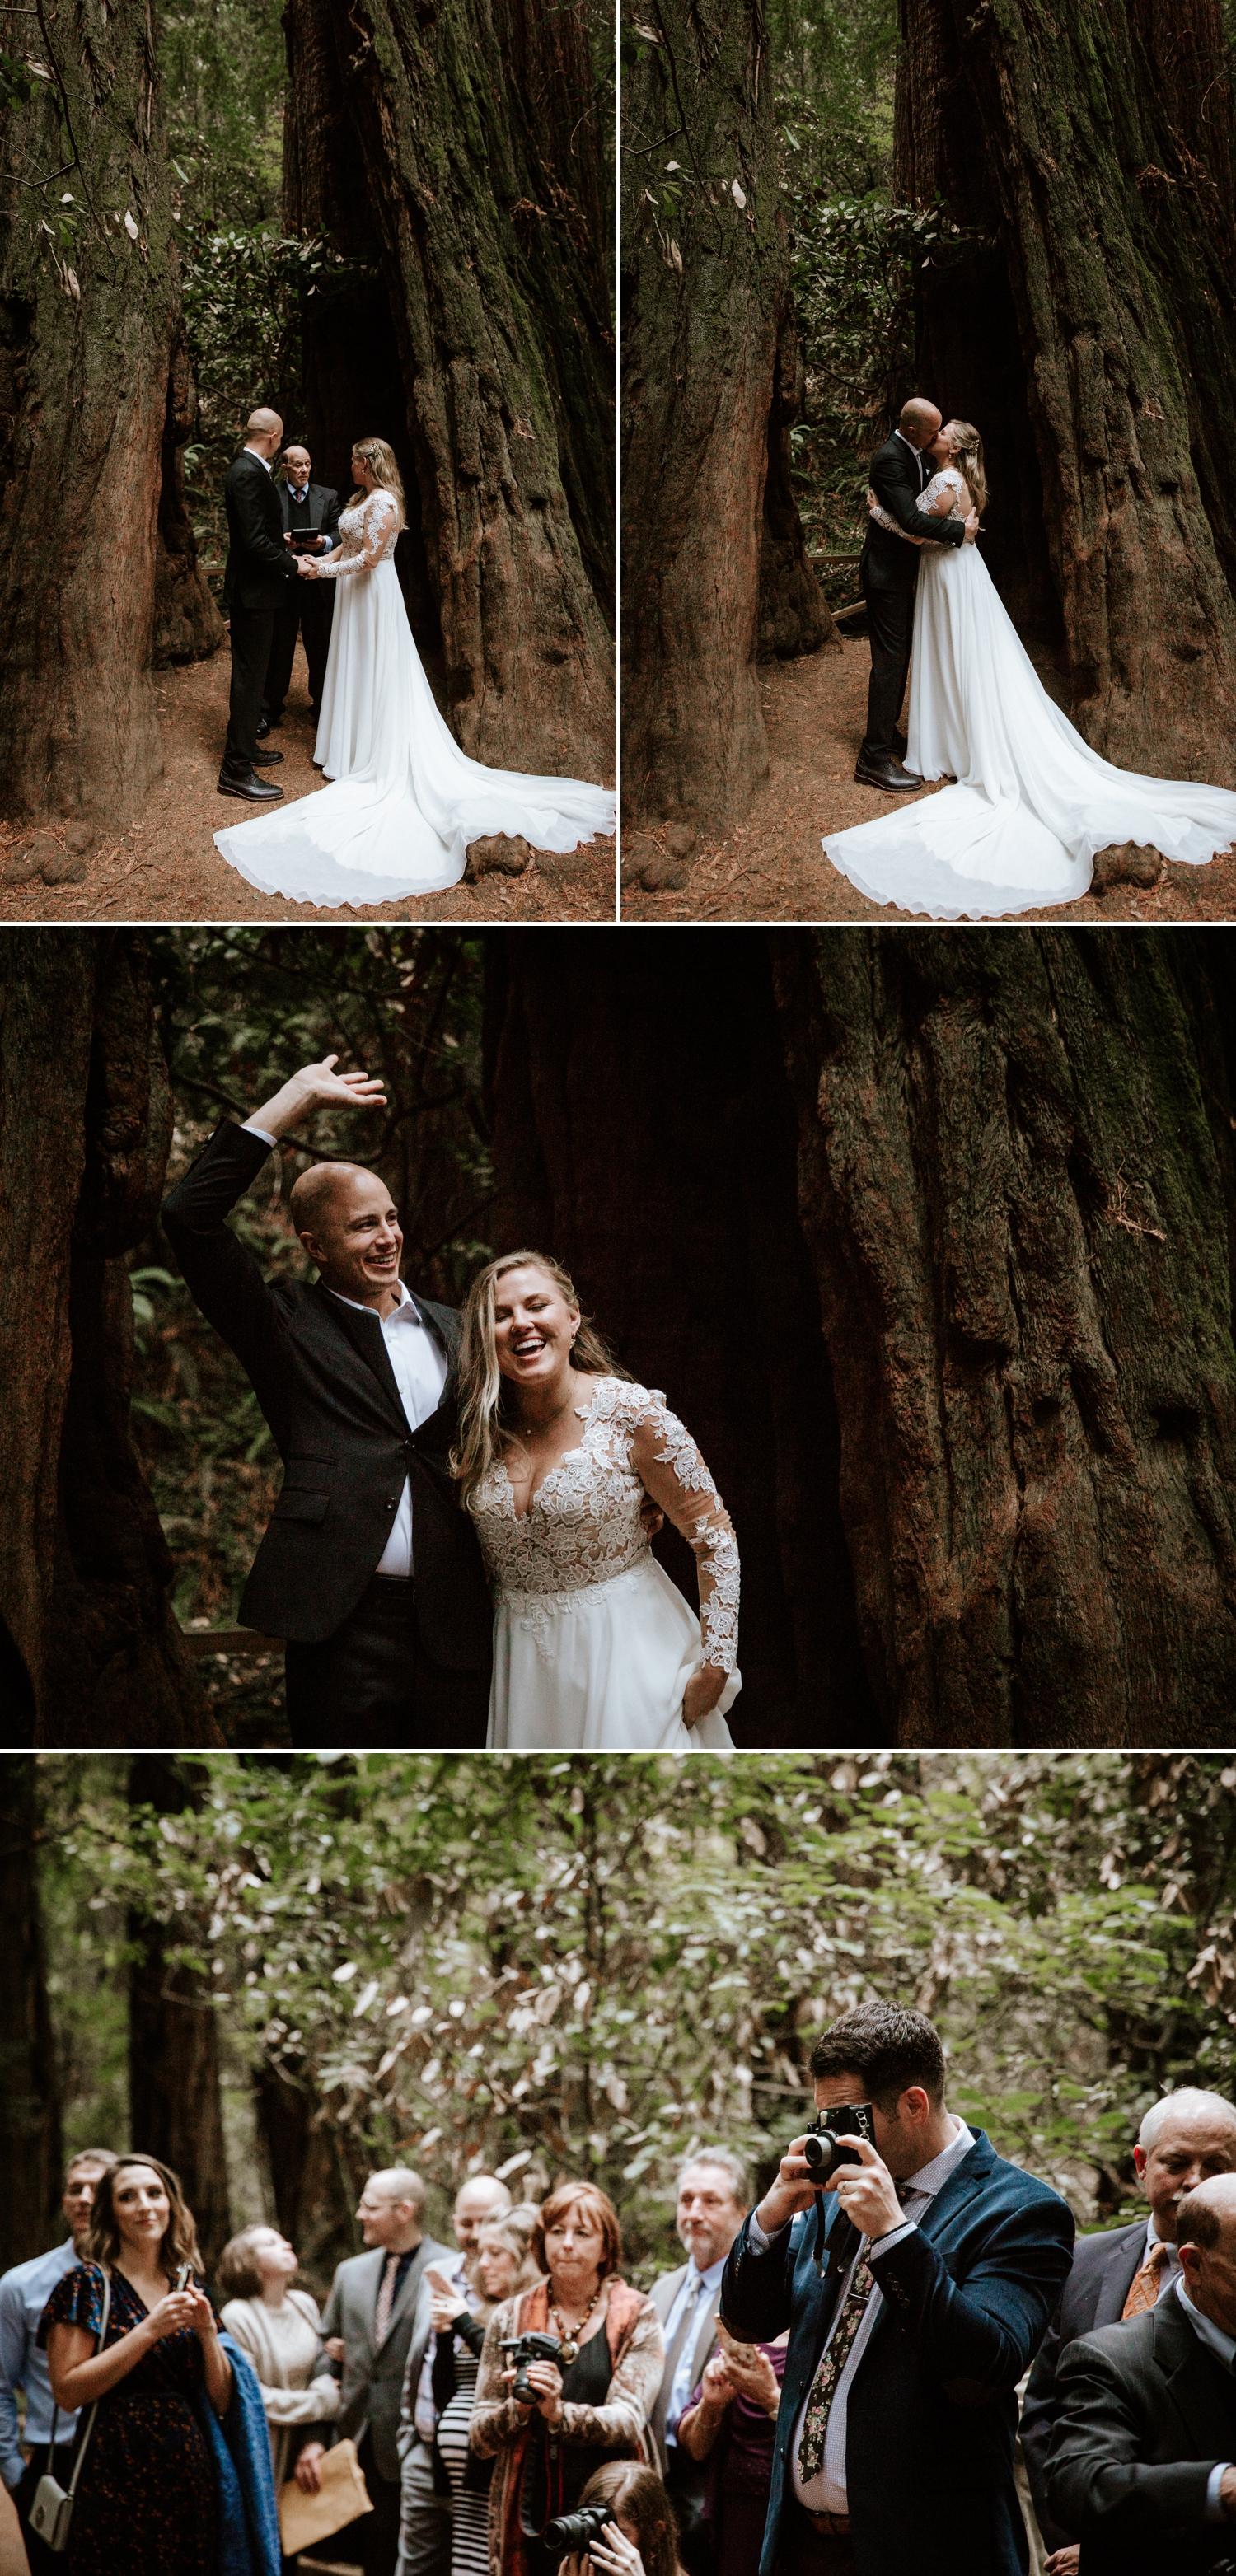 hannah-nick-intimate-muir-woods-wedding-21.jpg